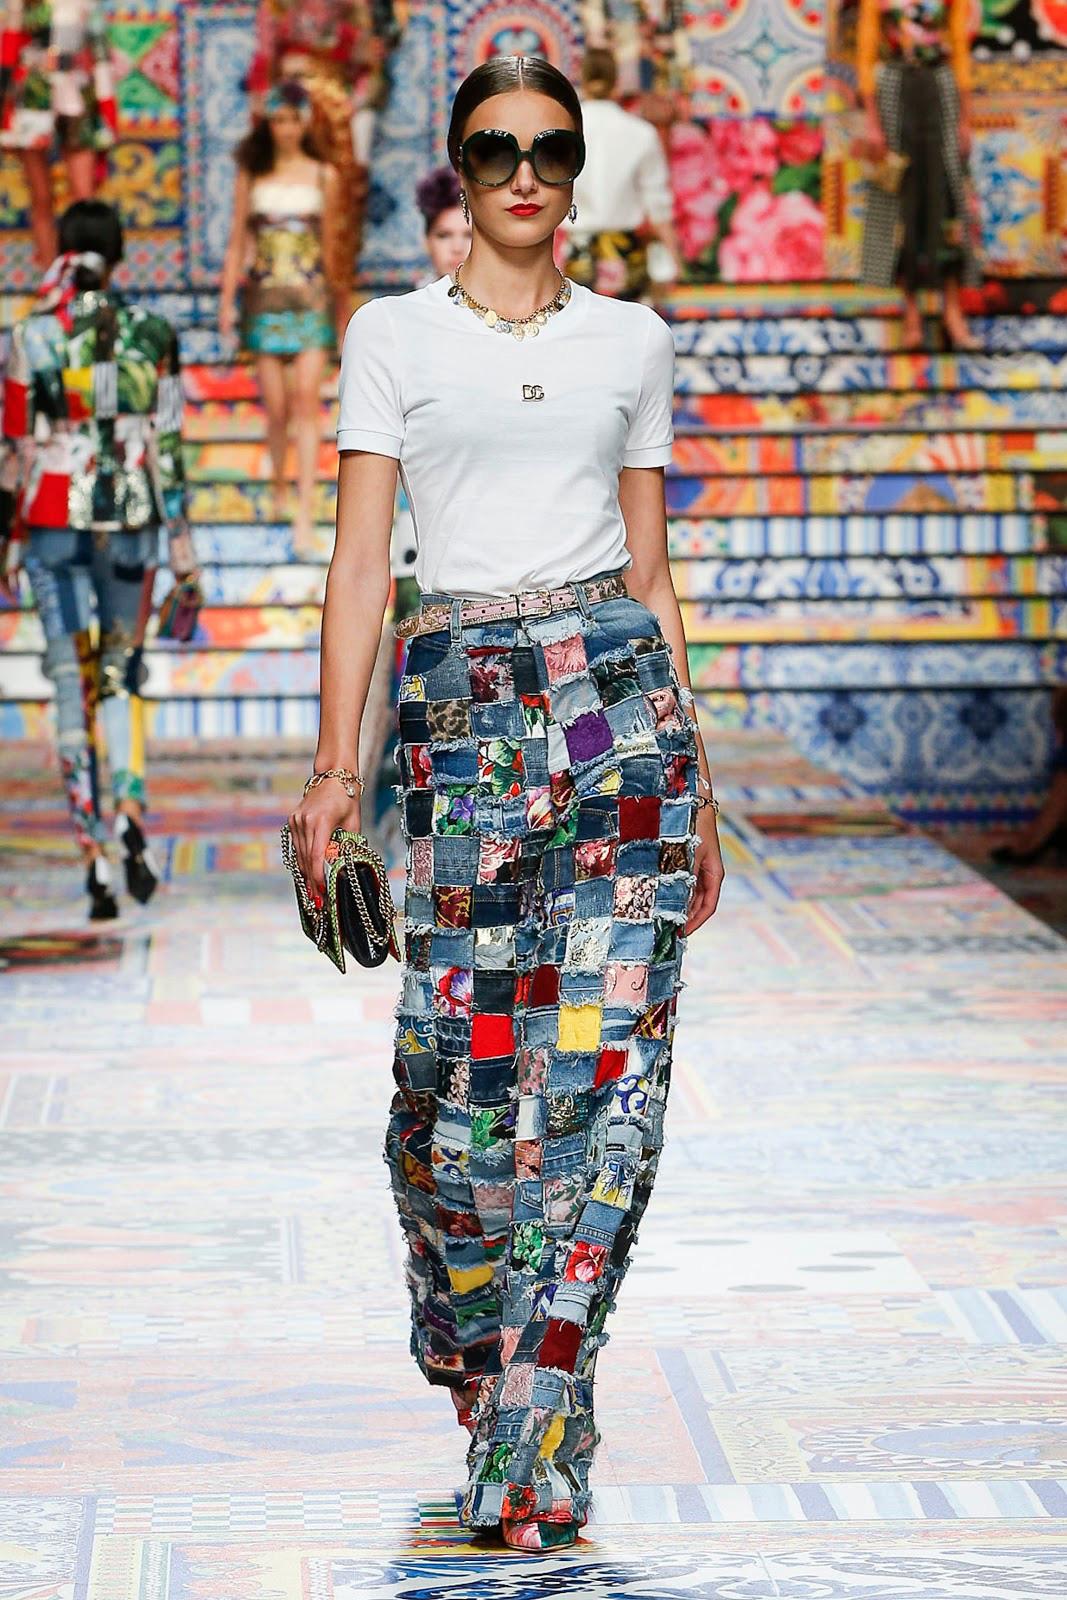 Bắt ngay xu hướng thời trang đến từ các thương hiệu nổi tiếng cho mùa Xuân - Hè 2021 - Ảnh 7.